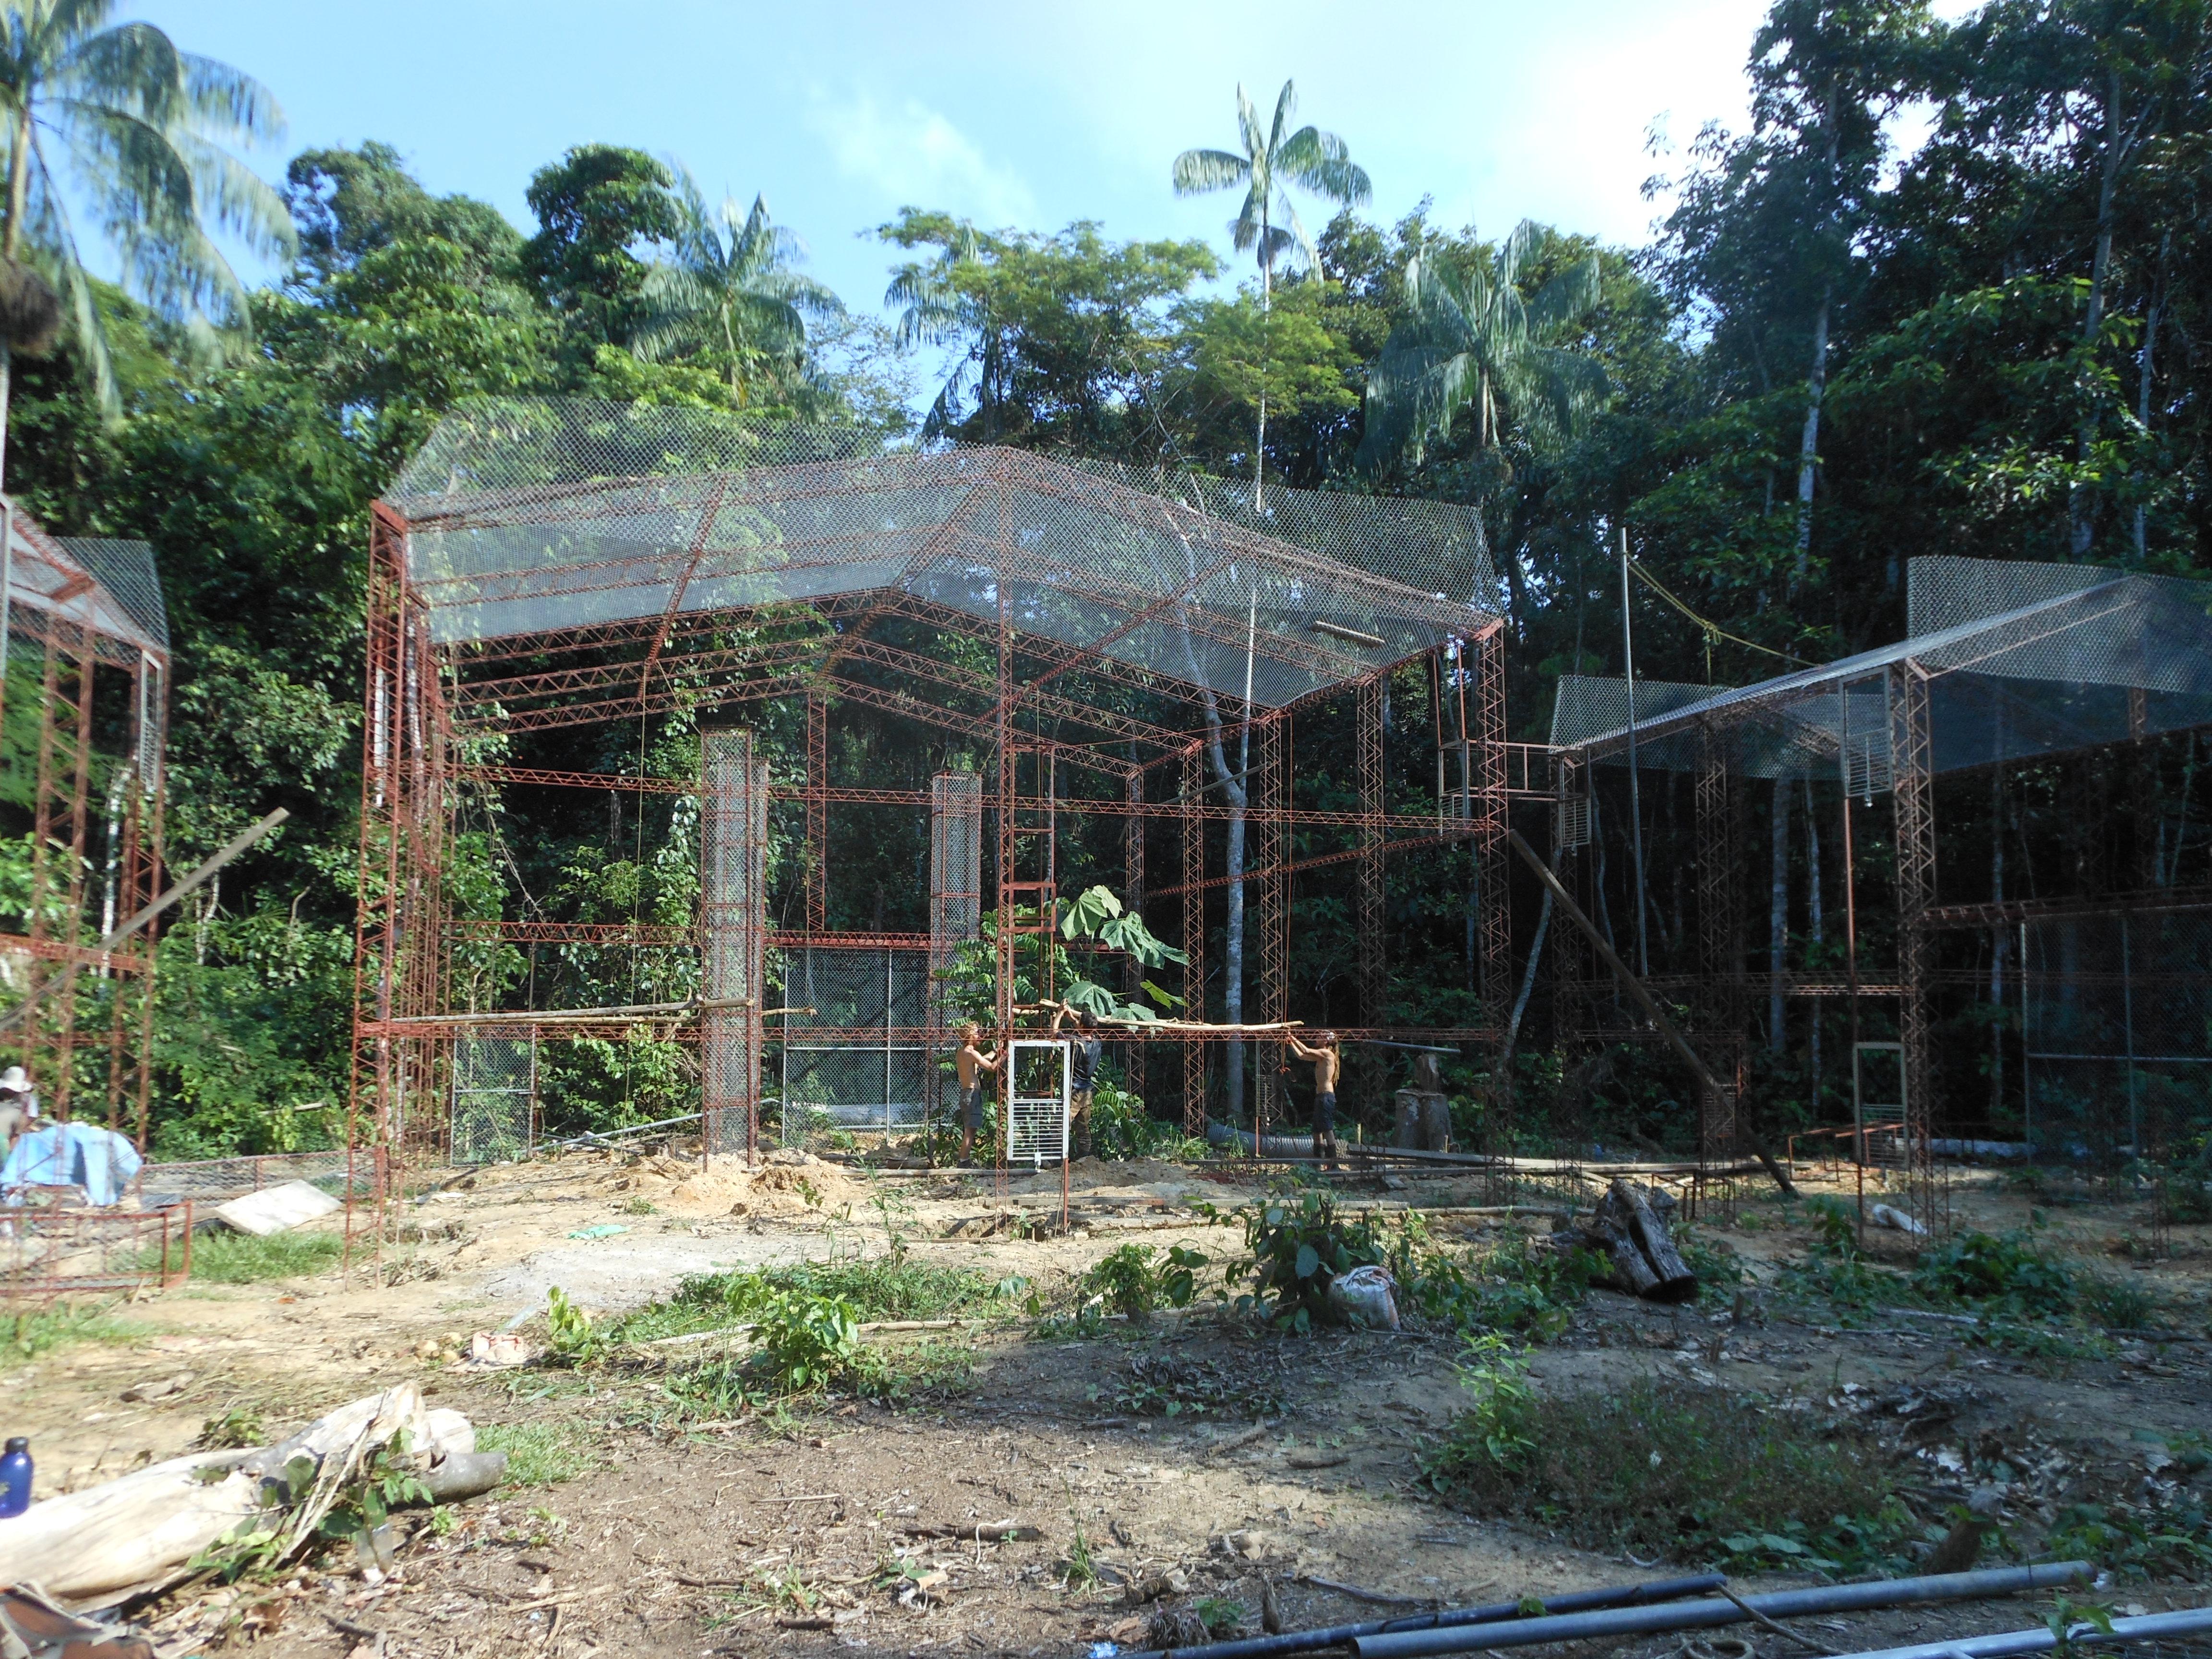 Prmate Enclosure